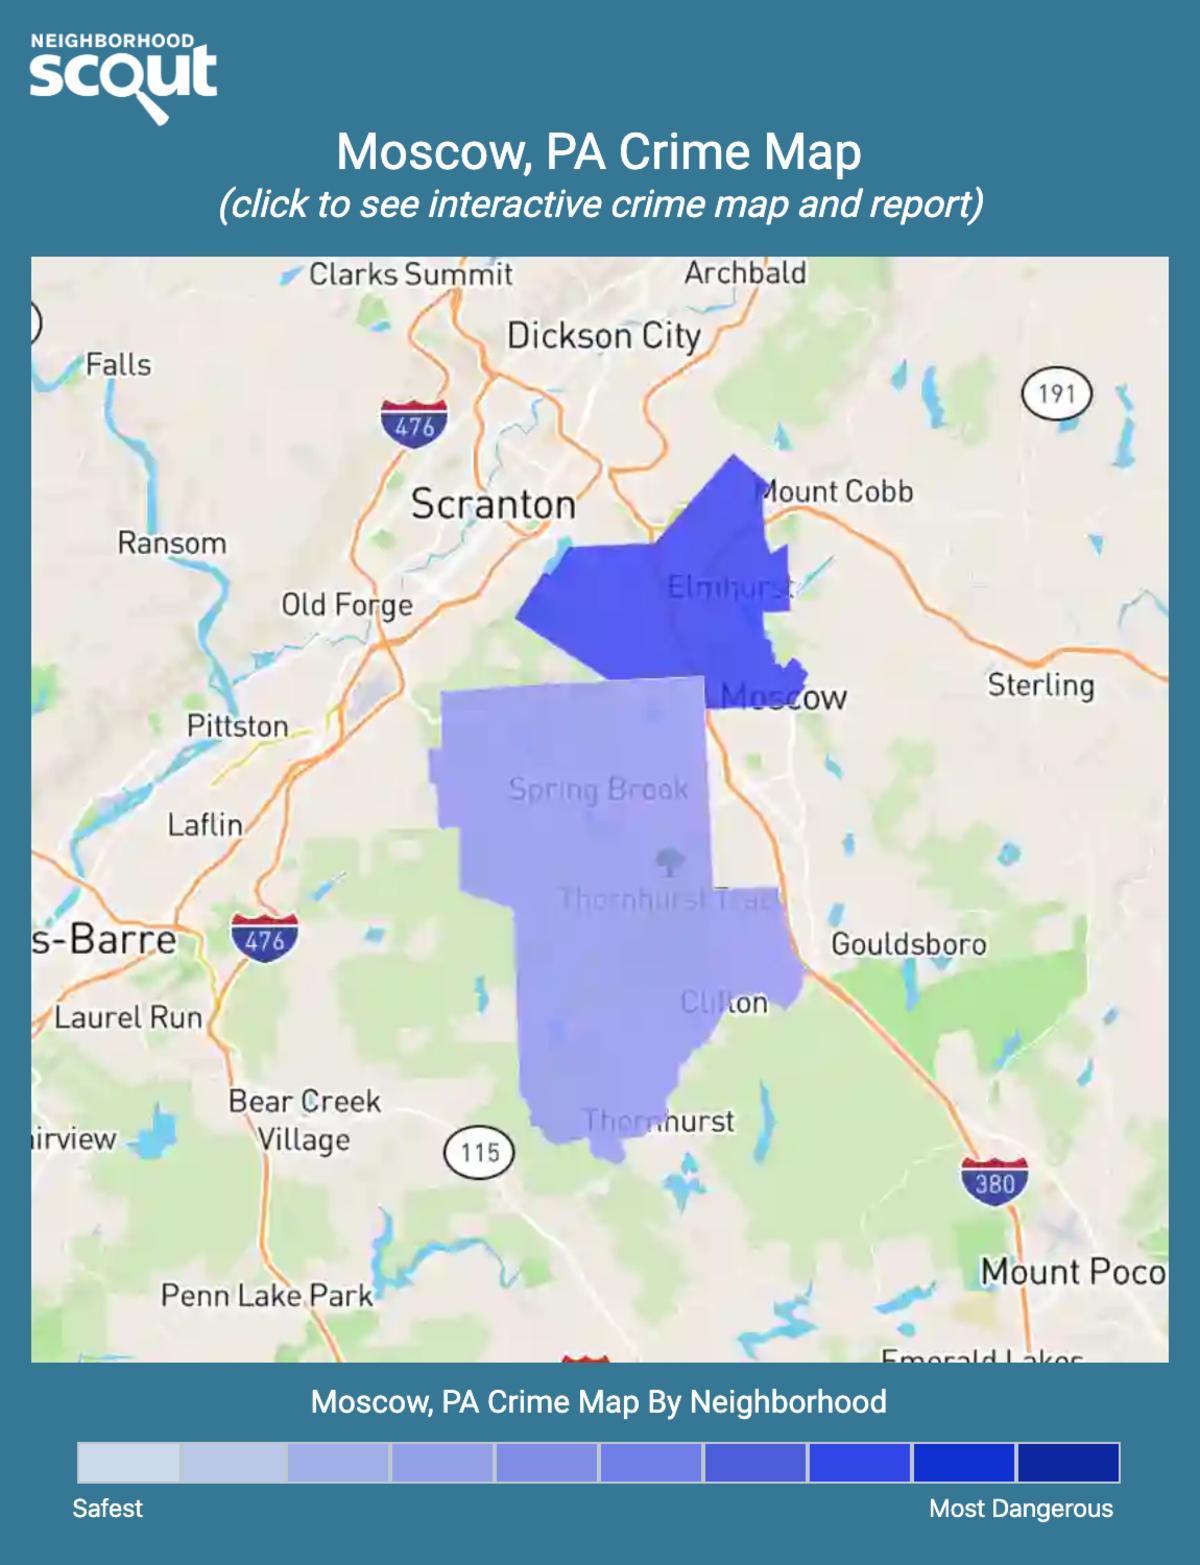 Moscow, Pennsylvania crime map